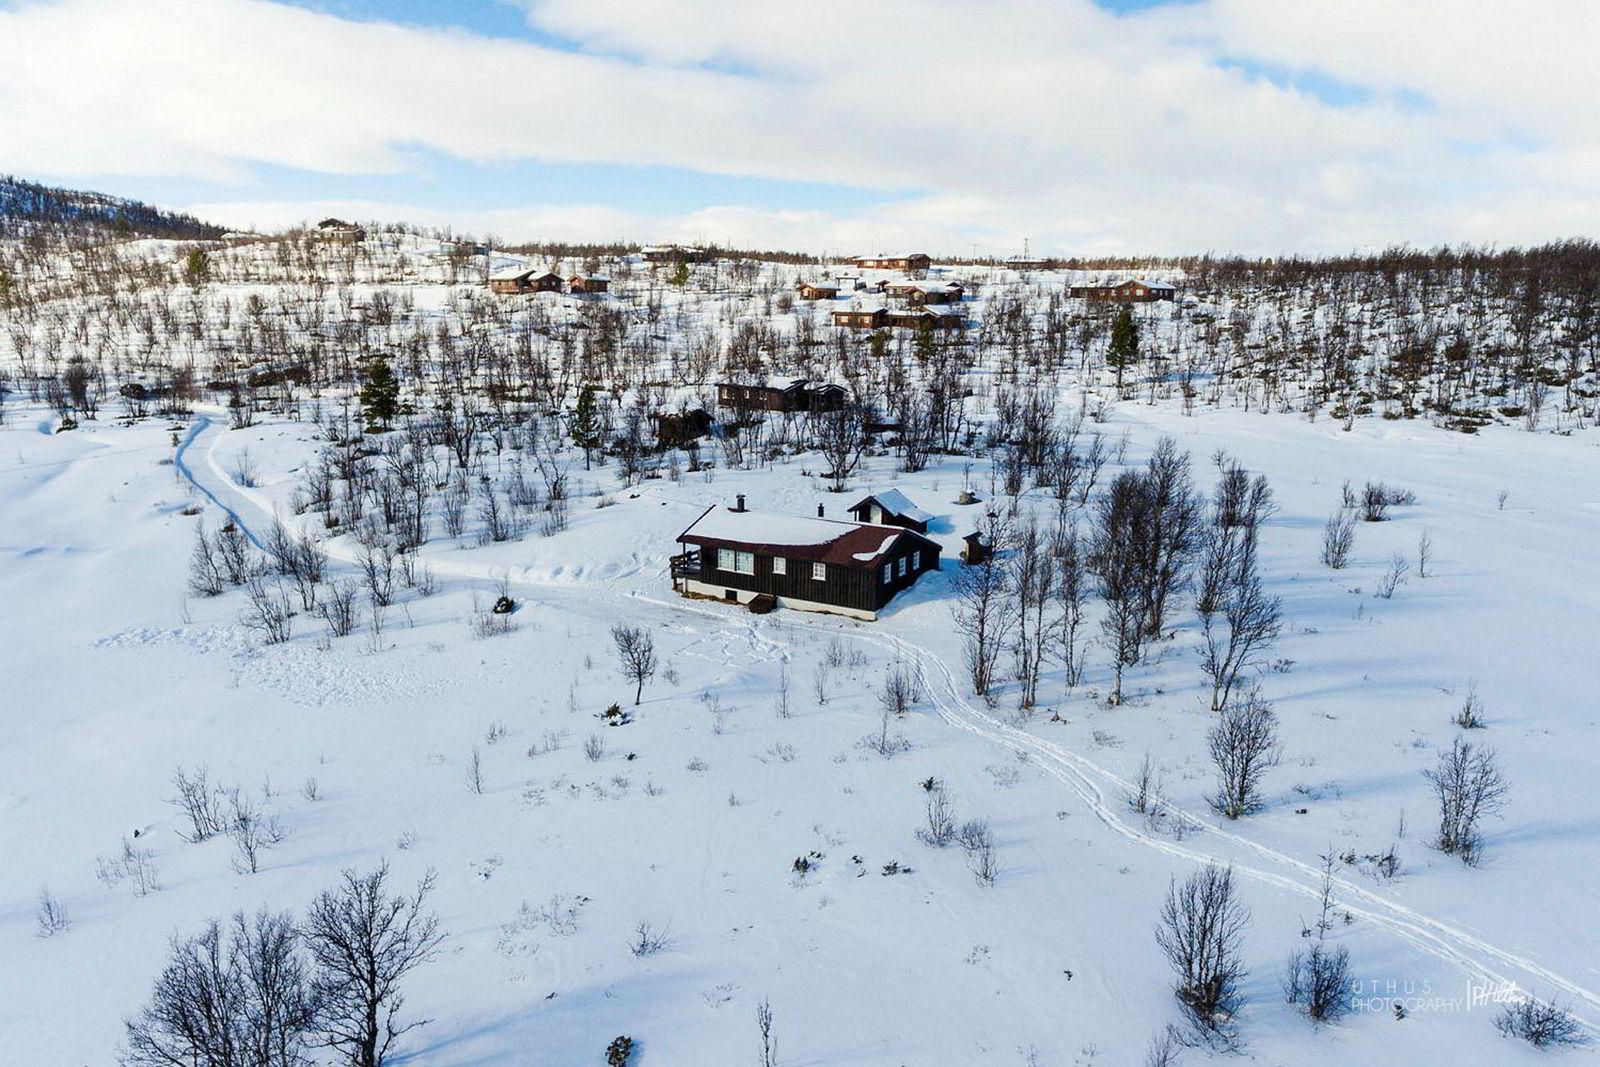 Hytte i Roahovda 16 i Dagalifjell, 70 kvm, Prisantydning Kr 1 550 000, solgt for kr 1 930 000.